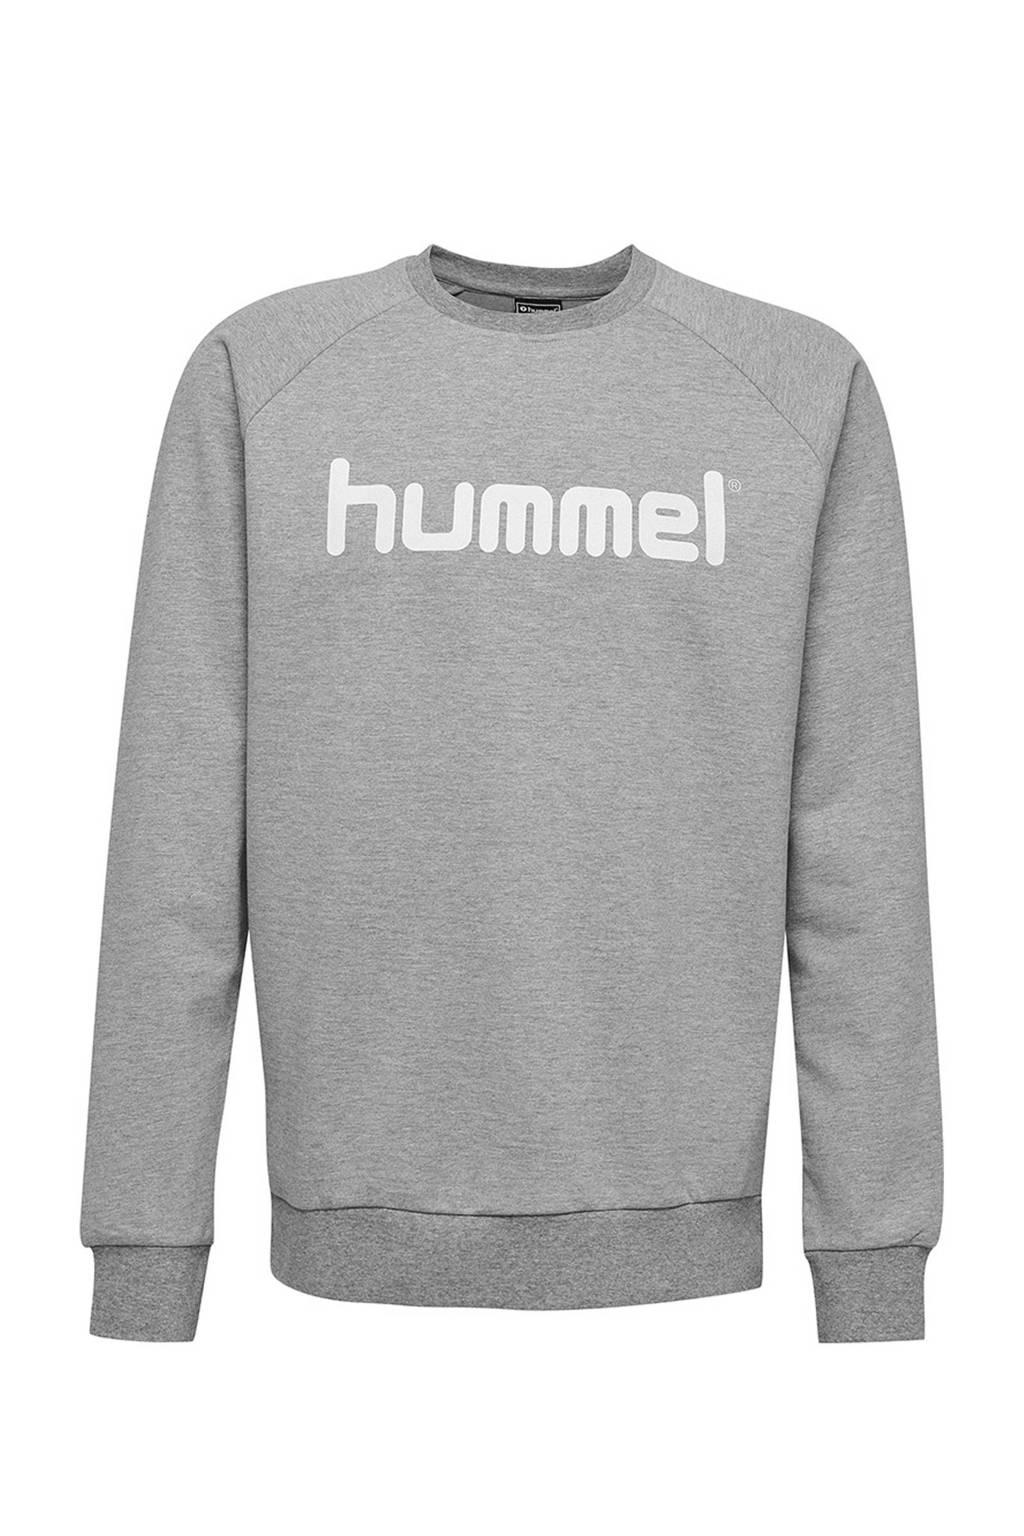 hummel unisex sweater grijs, Grijs